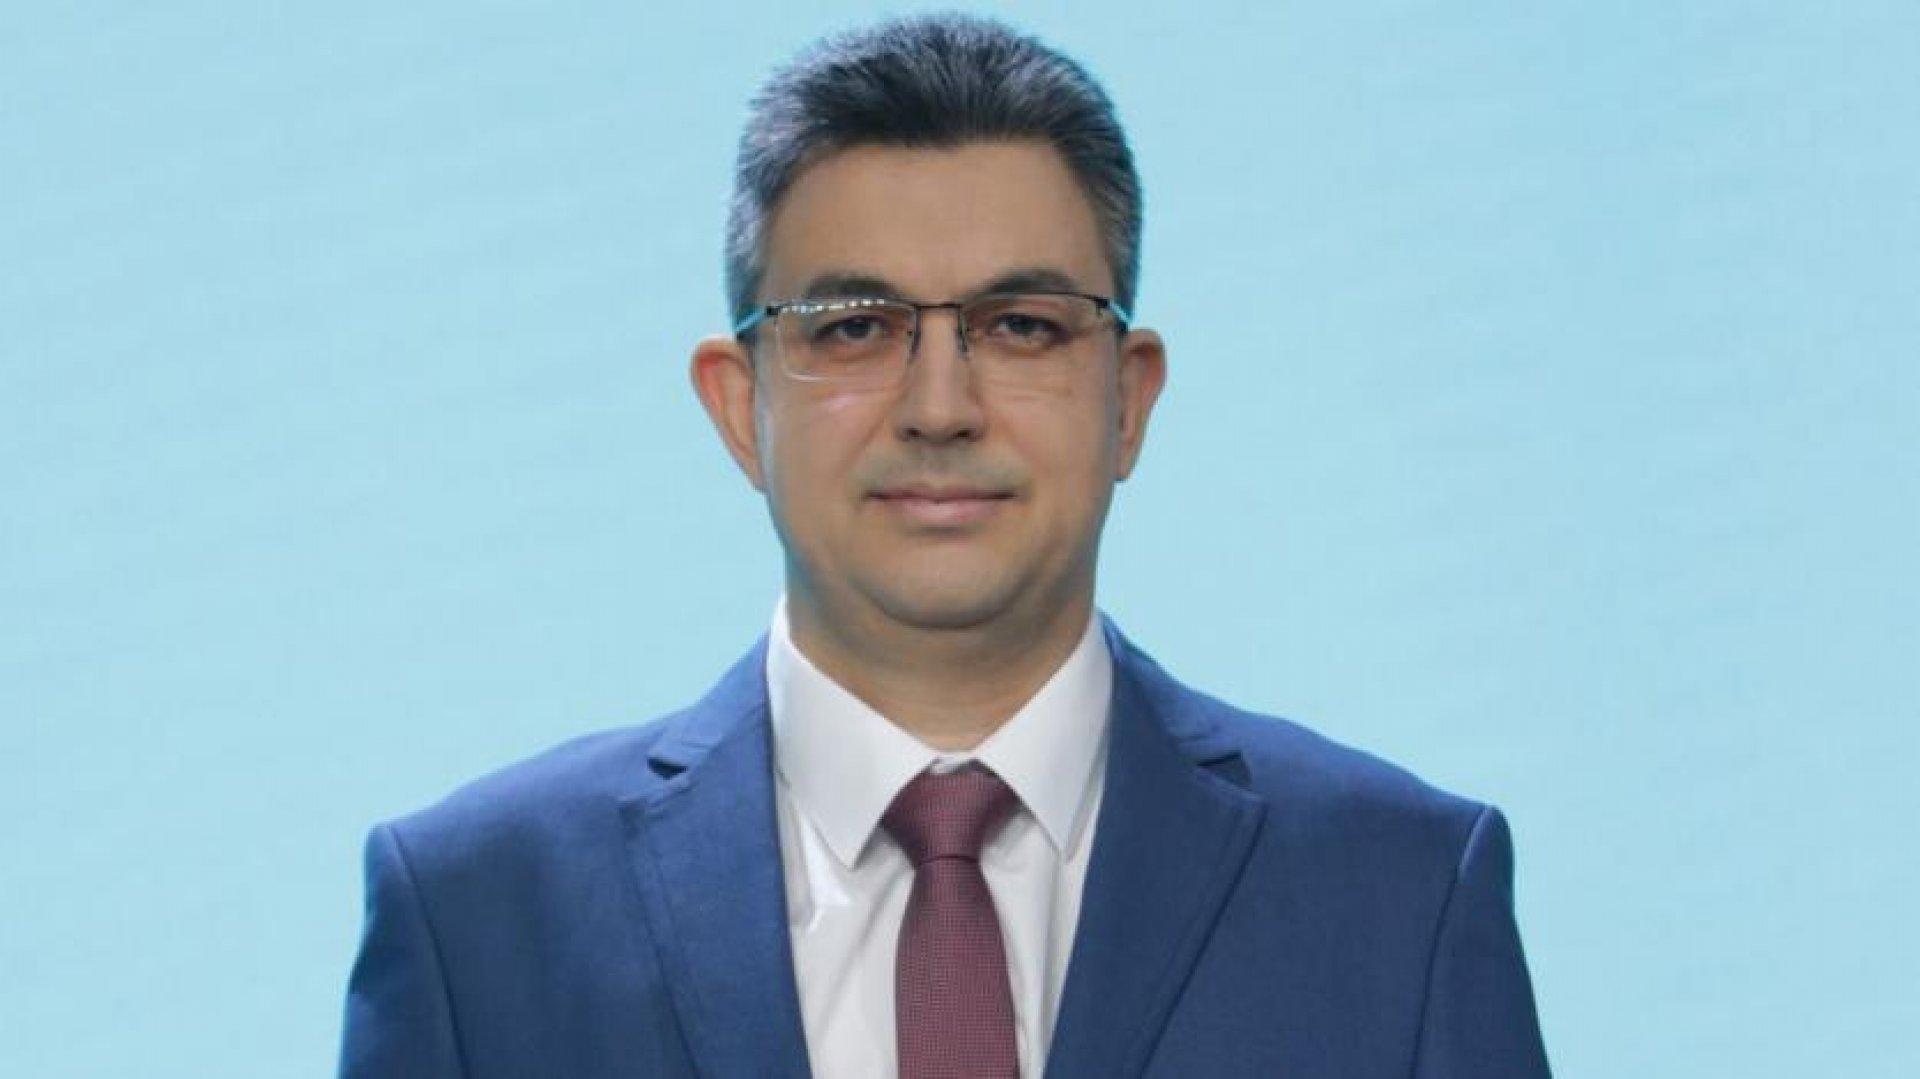 Пламен Николов е роден в Горна Оряховица и е завършил право в СУ Свети Климент Охридски